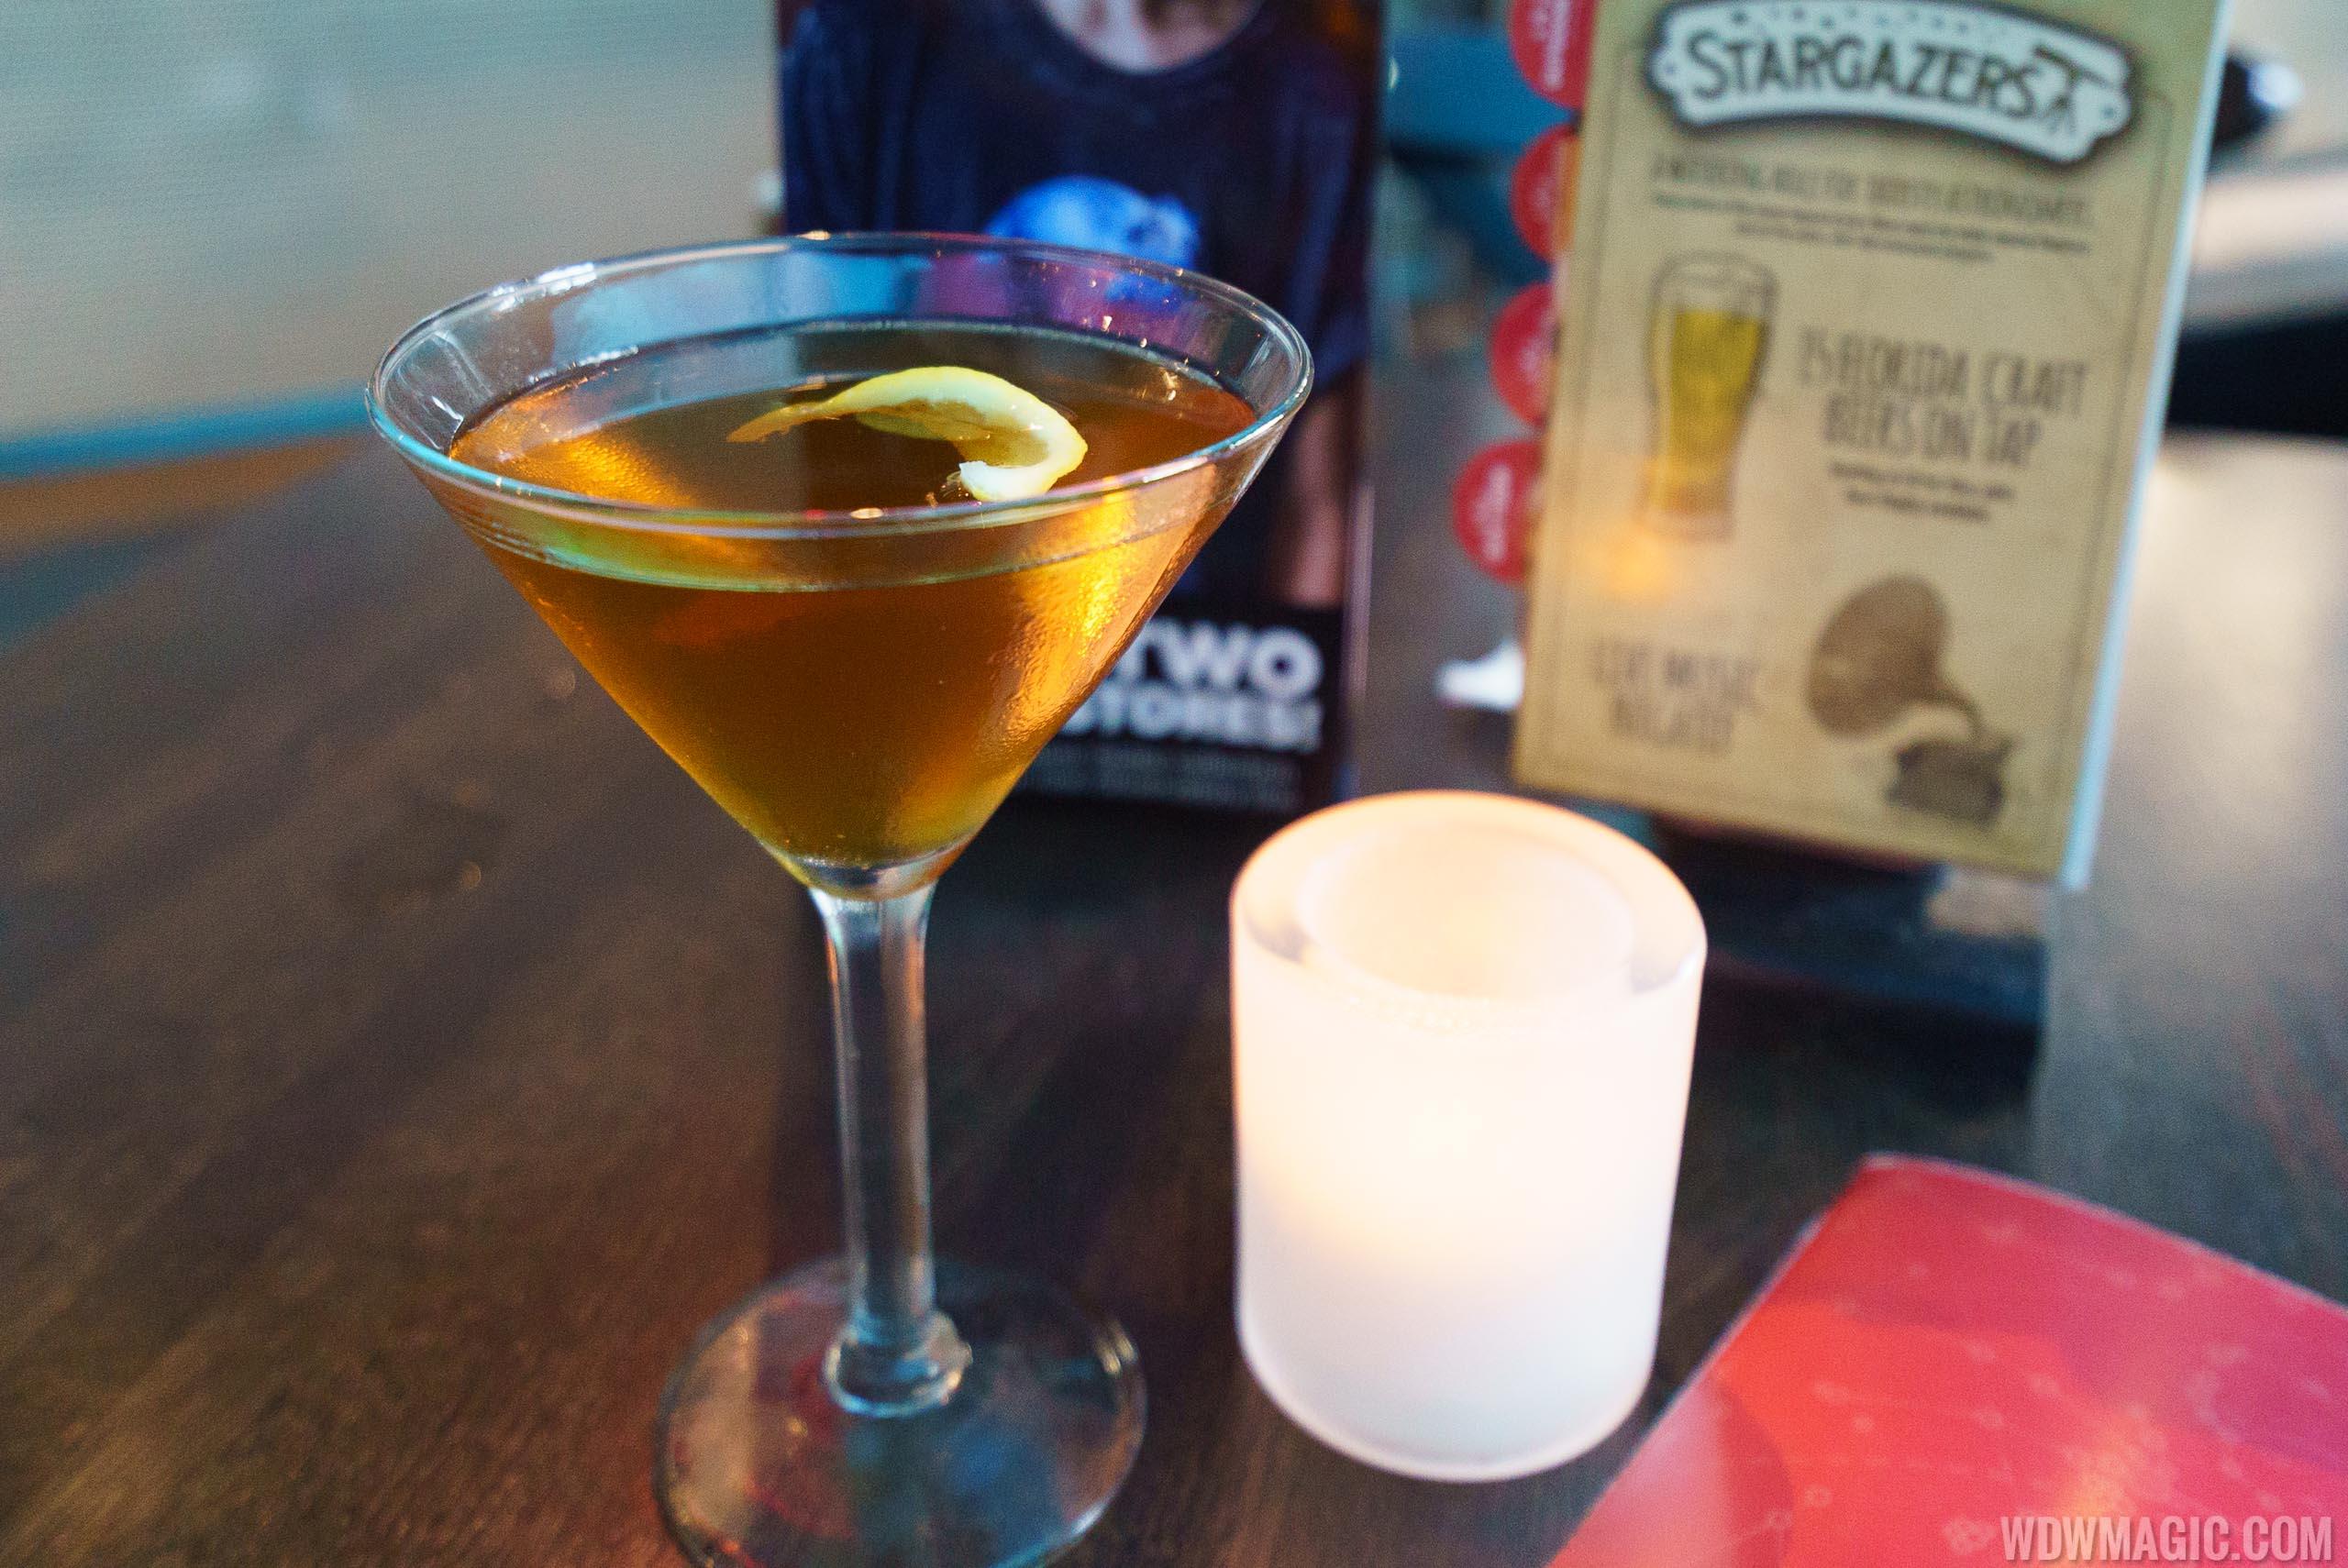 The Observatory - $12 Stoli Vodka, Limoncino Bottega,  Monin Peach Tea and Candoni Prosecco